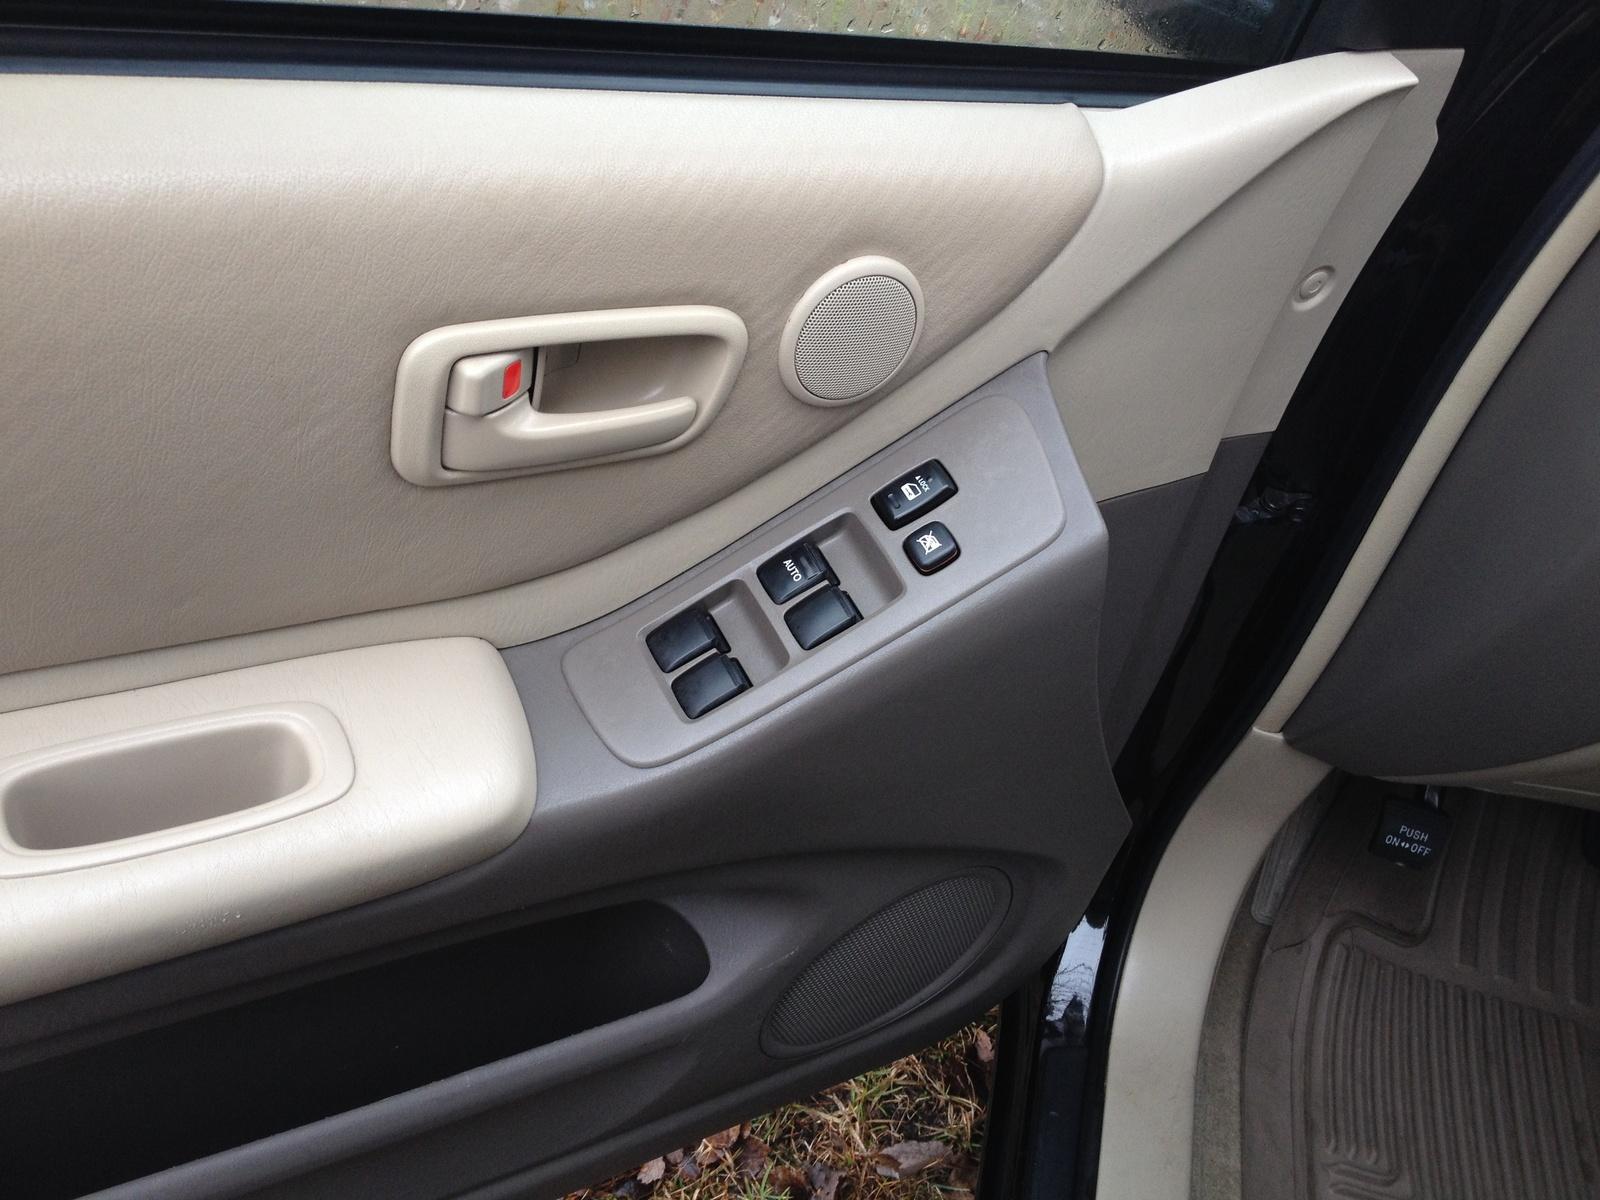 2006 Toyota Highlander Interior Pictures Cargurus